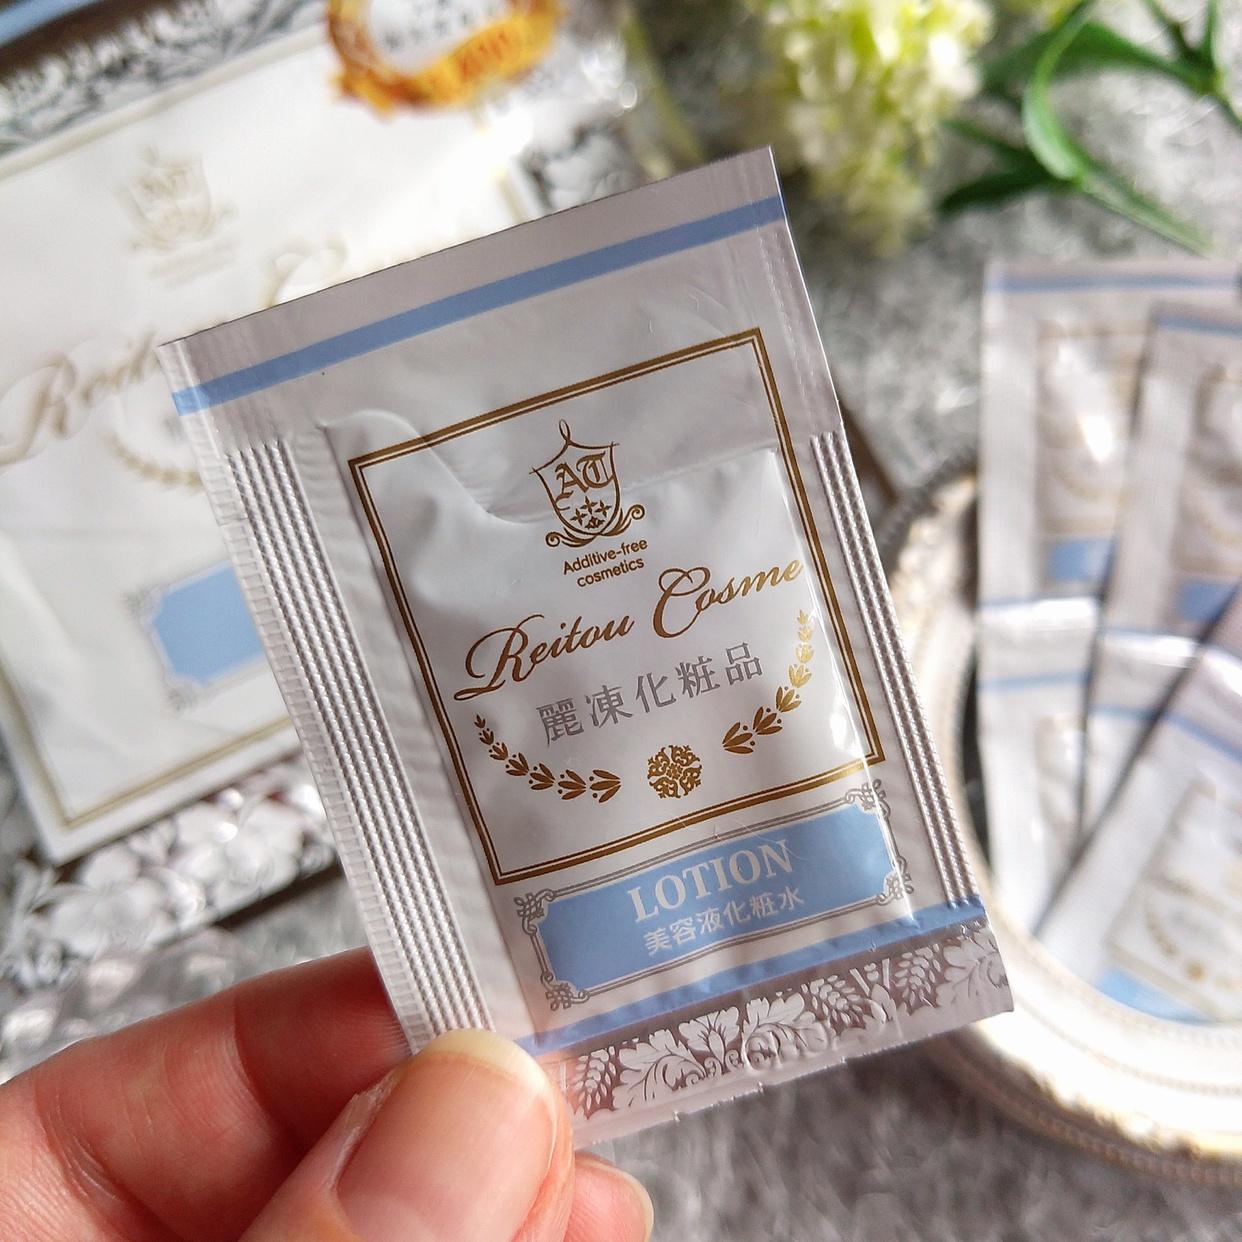 麗凍化粧品(Reitou Cosme) 美容液 化粧水を使ったまるもふさんのクチコミ画像3